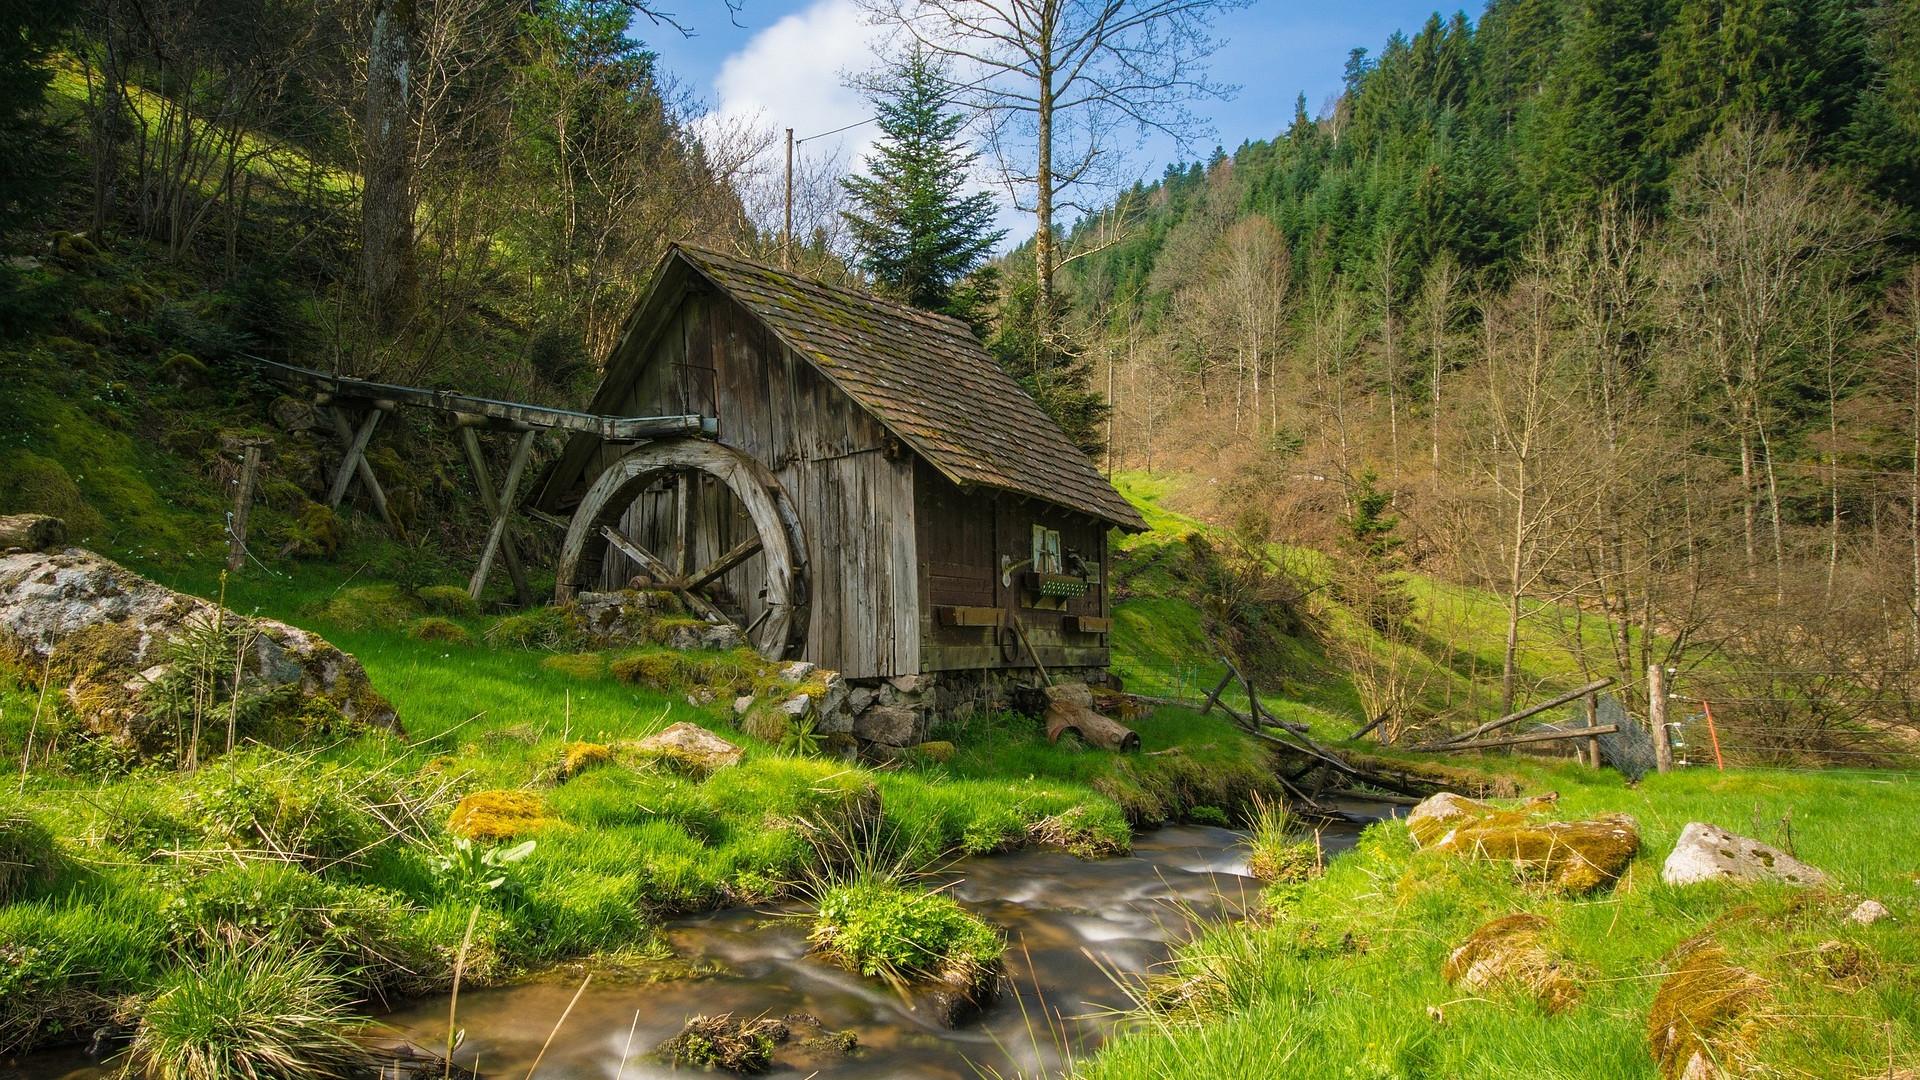 <h2>Ferien im Wenzelhof</h2><p>Ferien in ihre ursprünglichsten Form</p><a title='Weiter lesen' href='#'>Mehr erfahren</a>